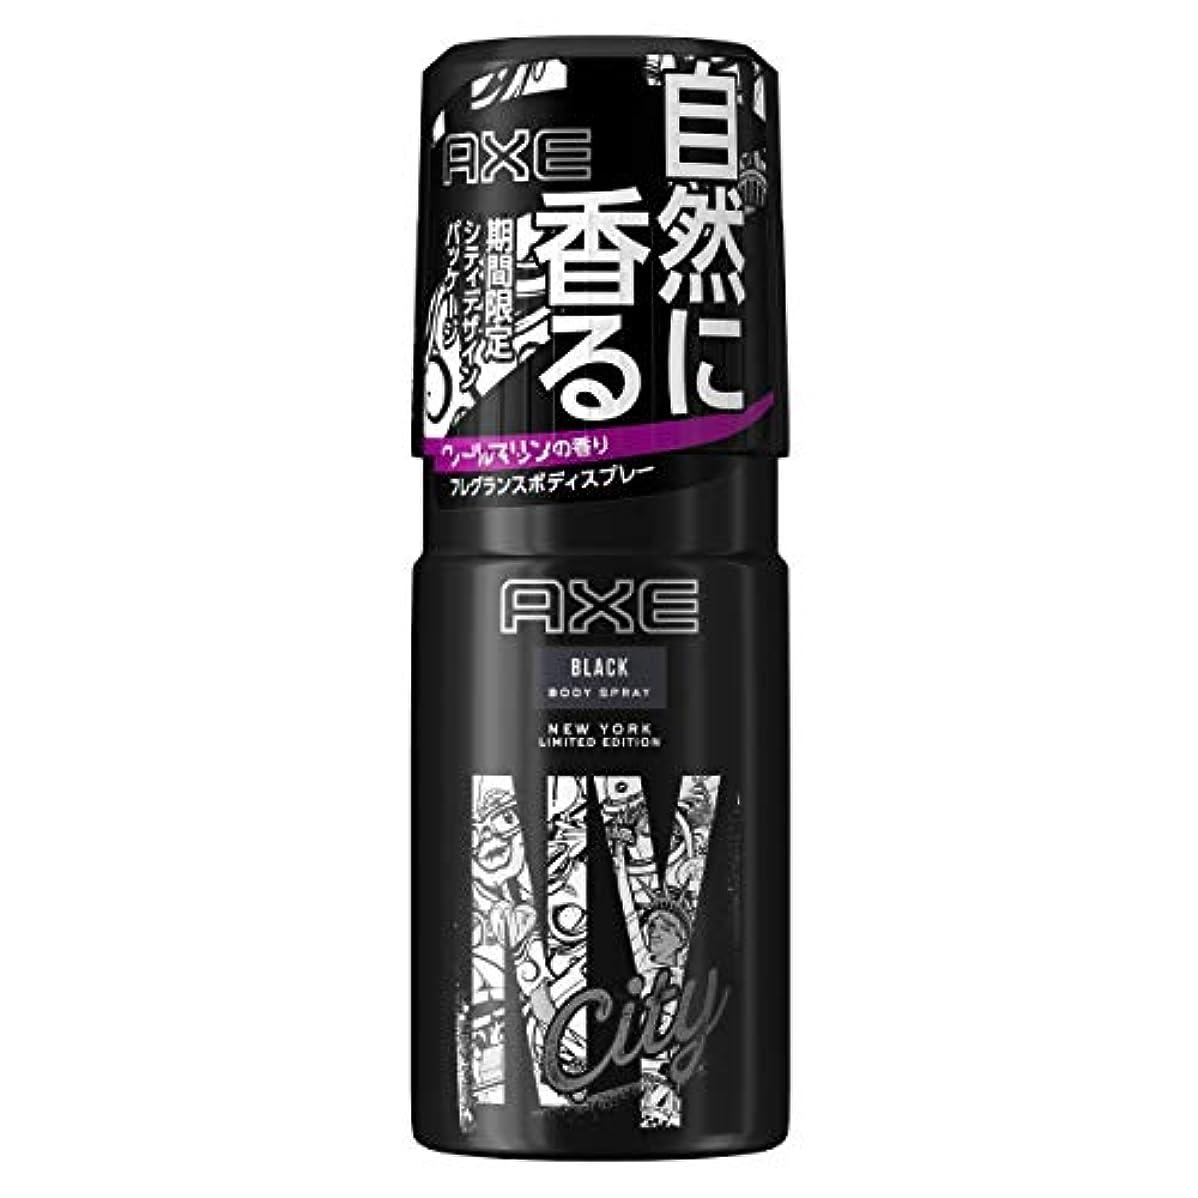 劣るガチョウ憂慮すべきアックス フレグランス ボディスプレー ブラック 60g (クールマリンのさりげない香り)